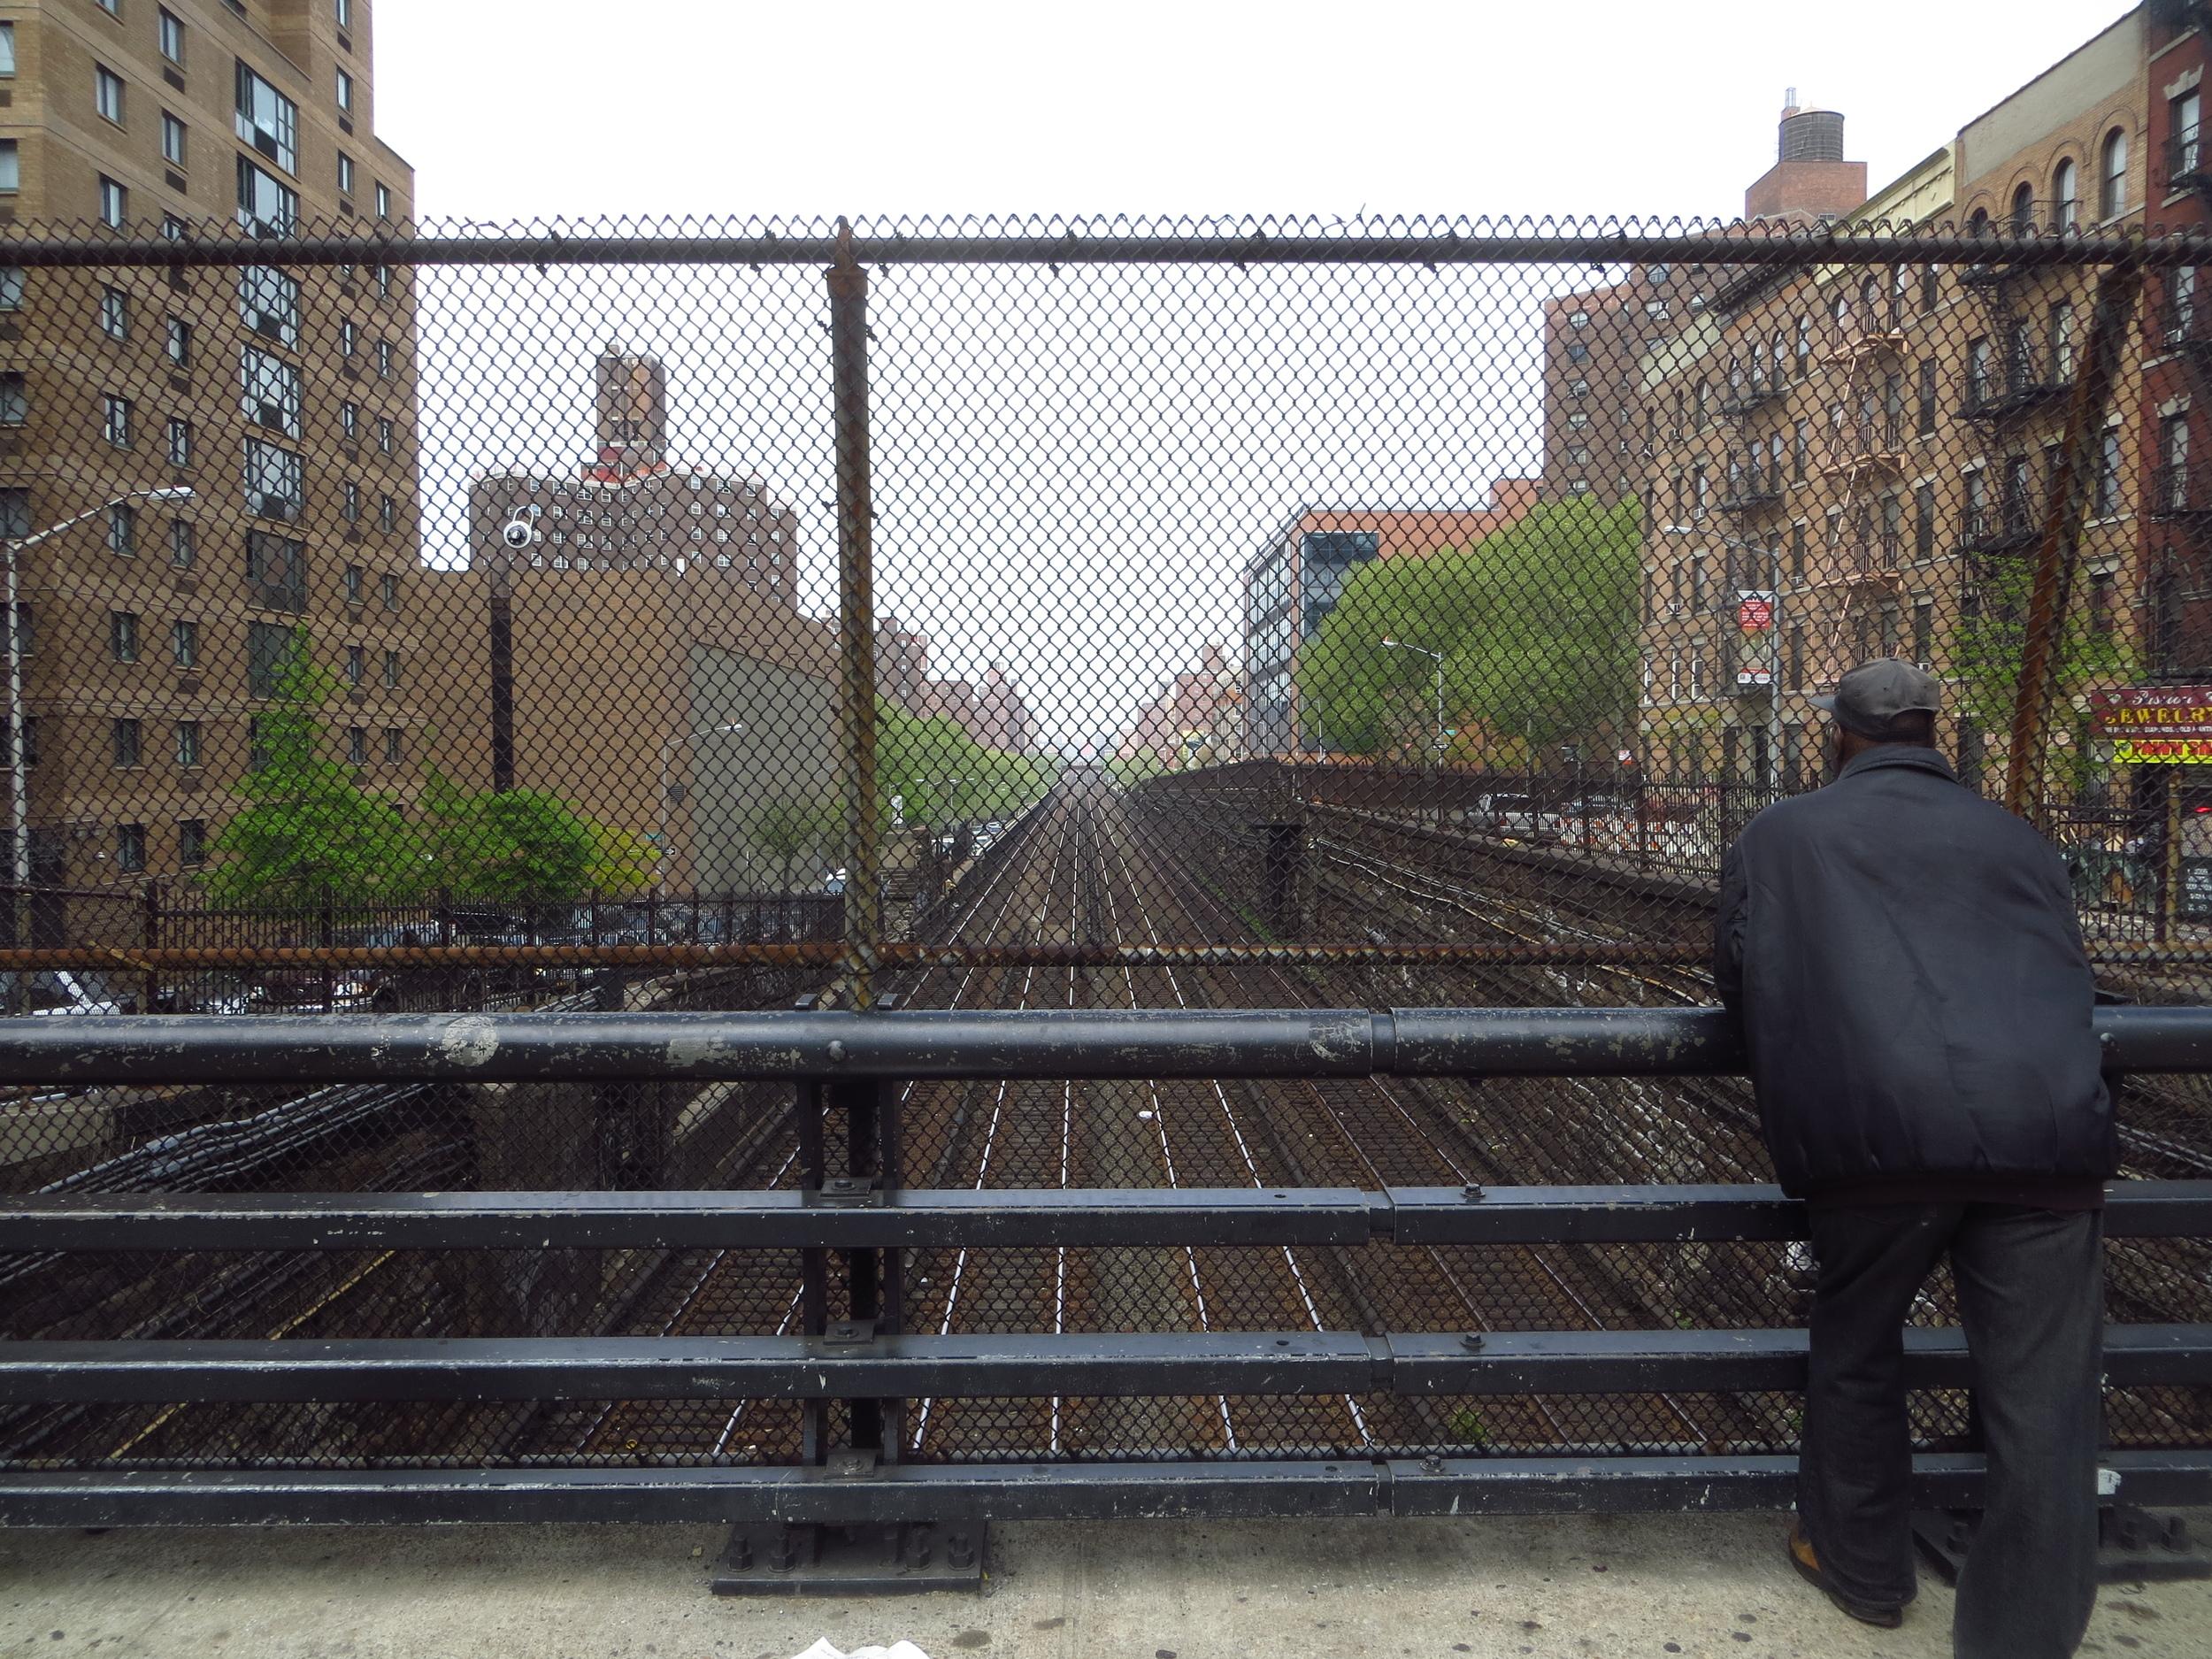 Train tracks heading into Grand Central